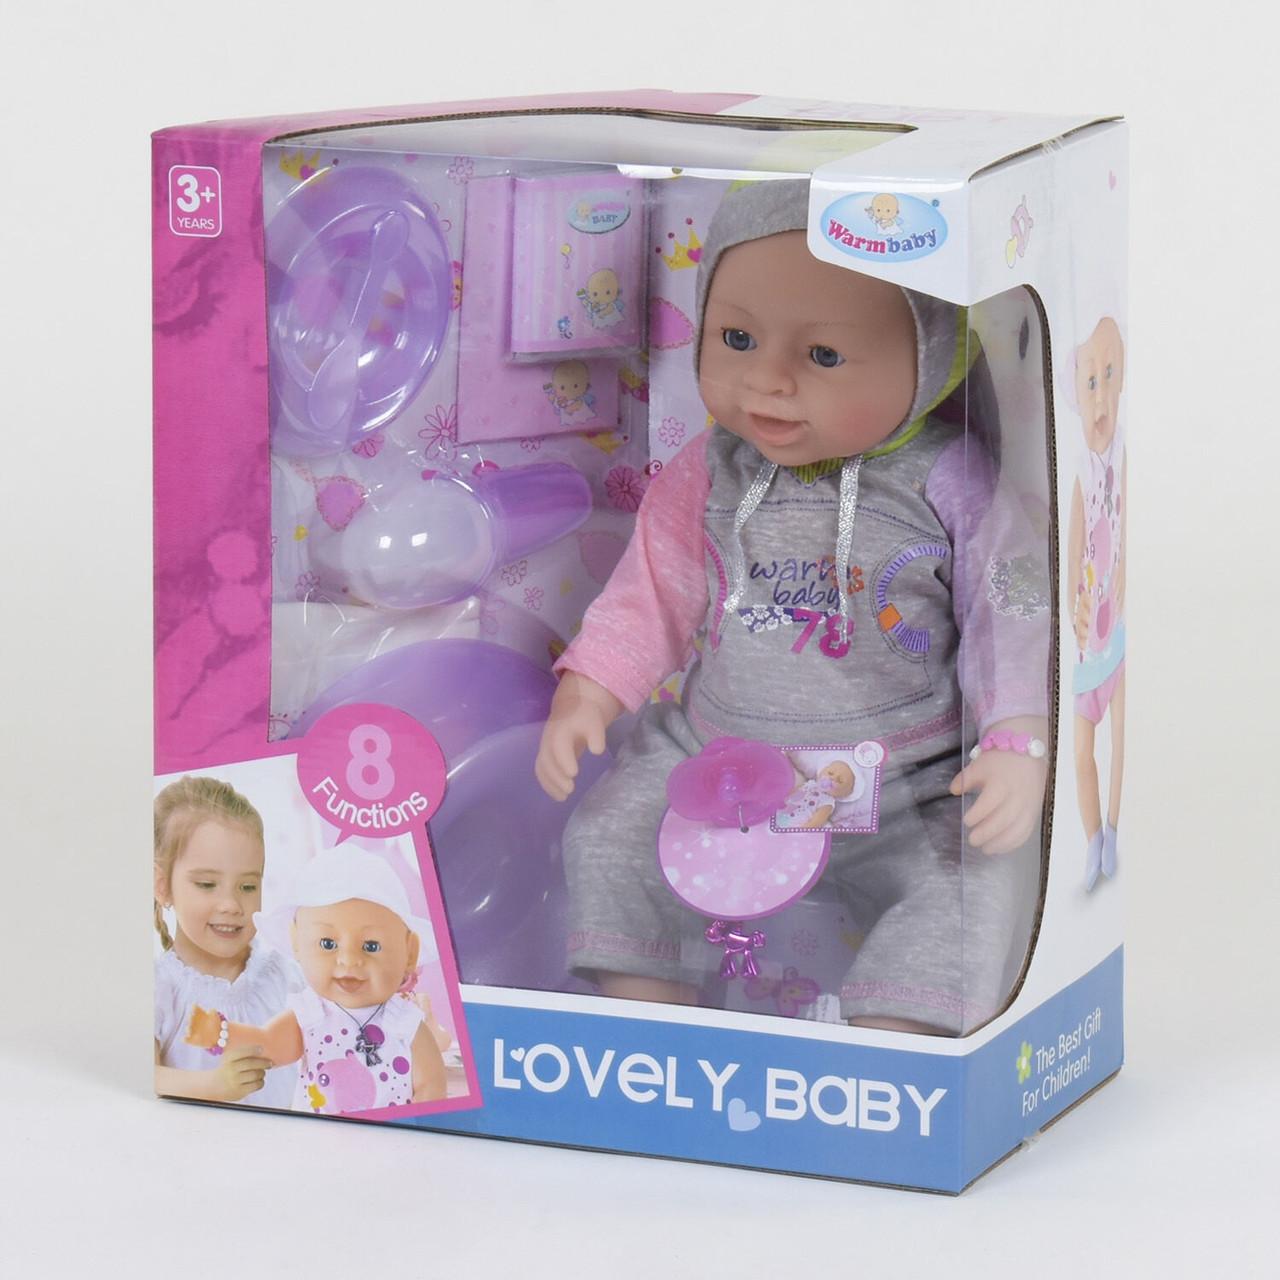 Пупс функціональний з аксесуарами 8 функцій в коробці / лялька для дівчинки